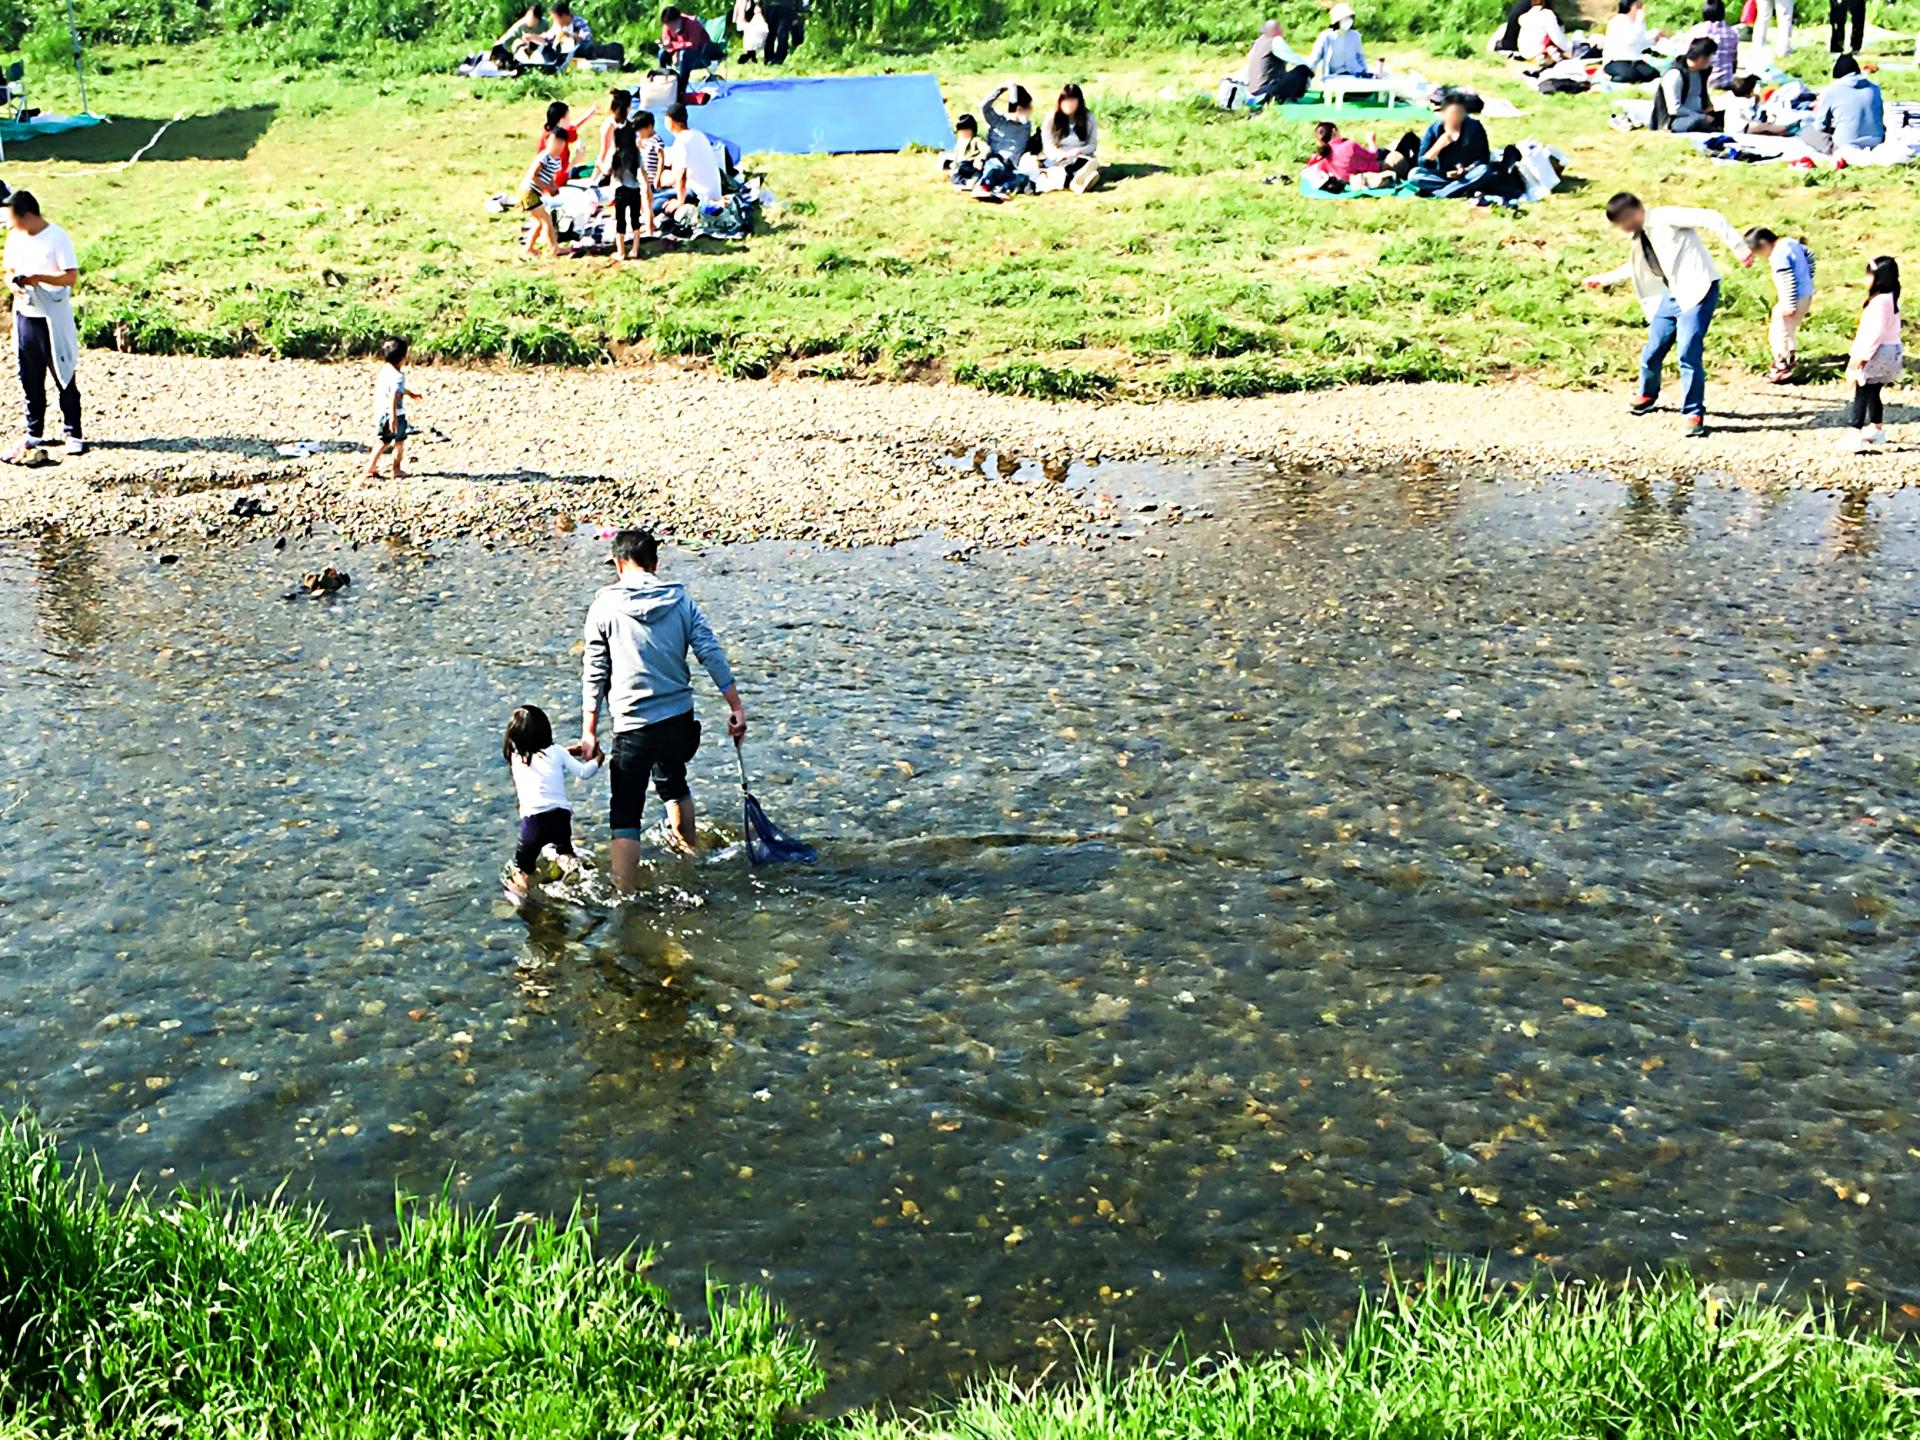 木戸ダムは子供も喜ぶ人気スポット!バーベキューや川遊びを楽しもう♪